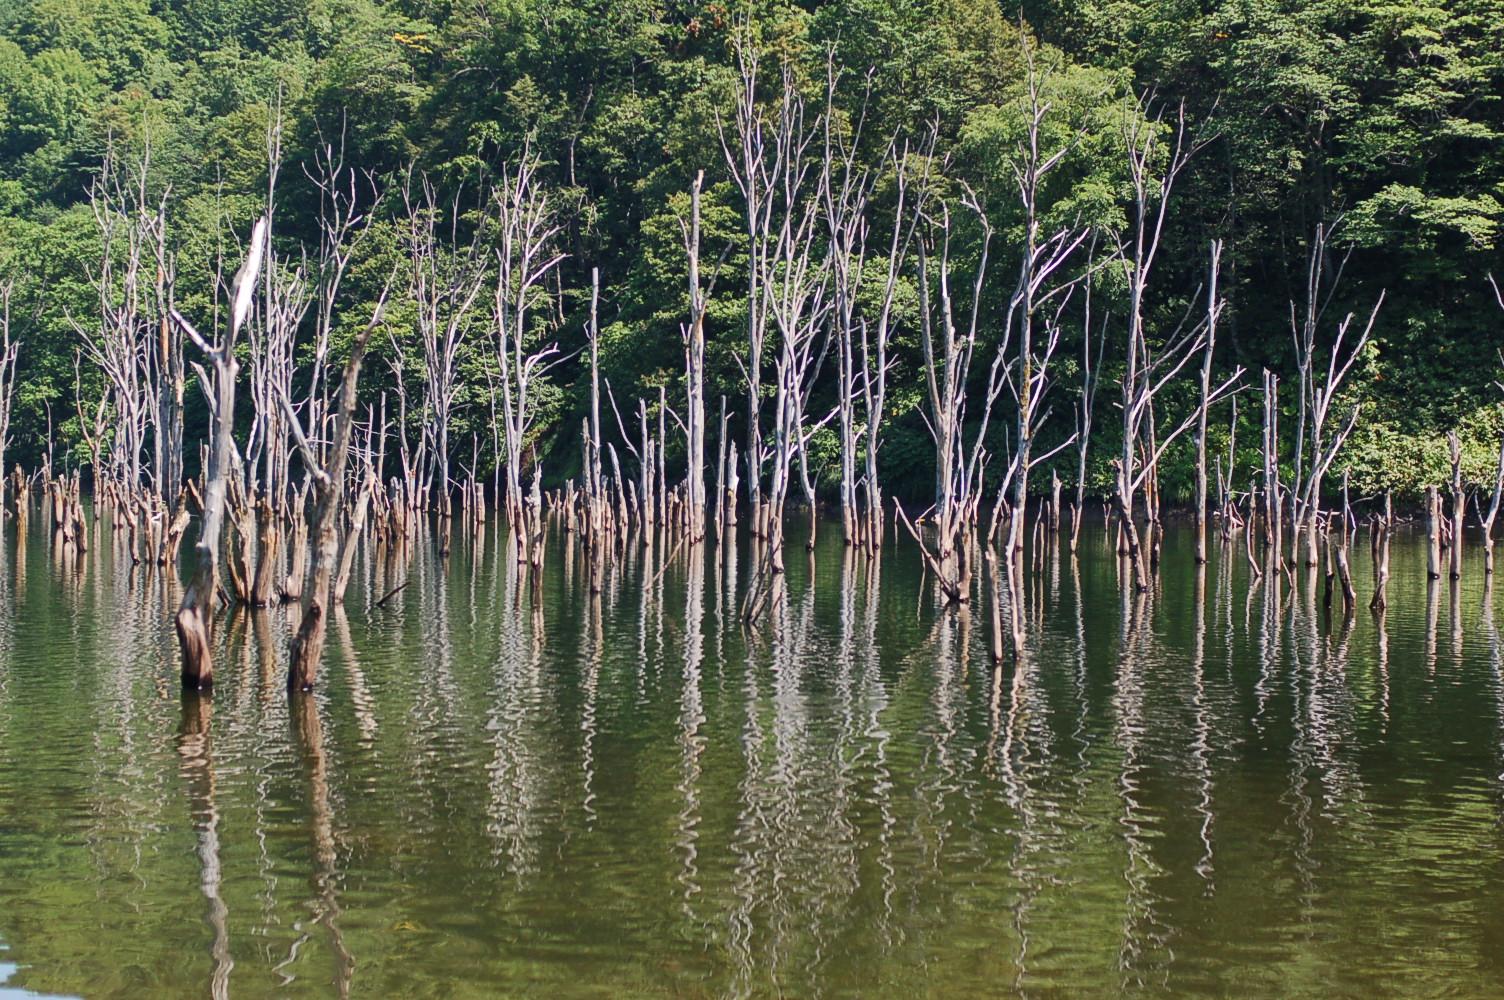 赤井川村の落合ダム湖: 良いことは、広める